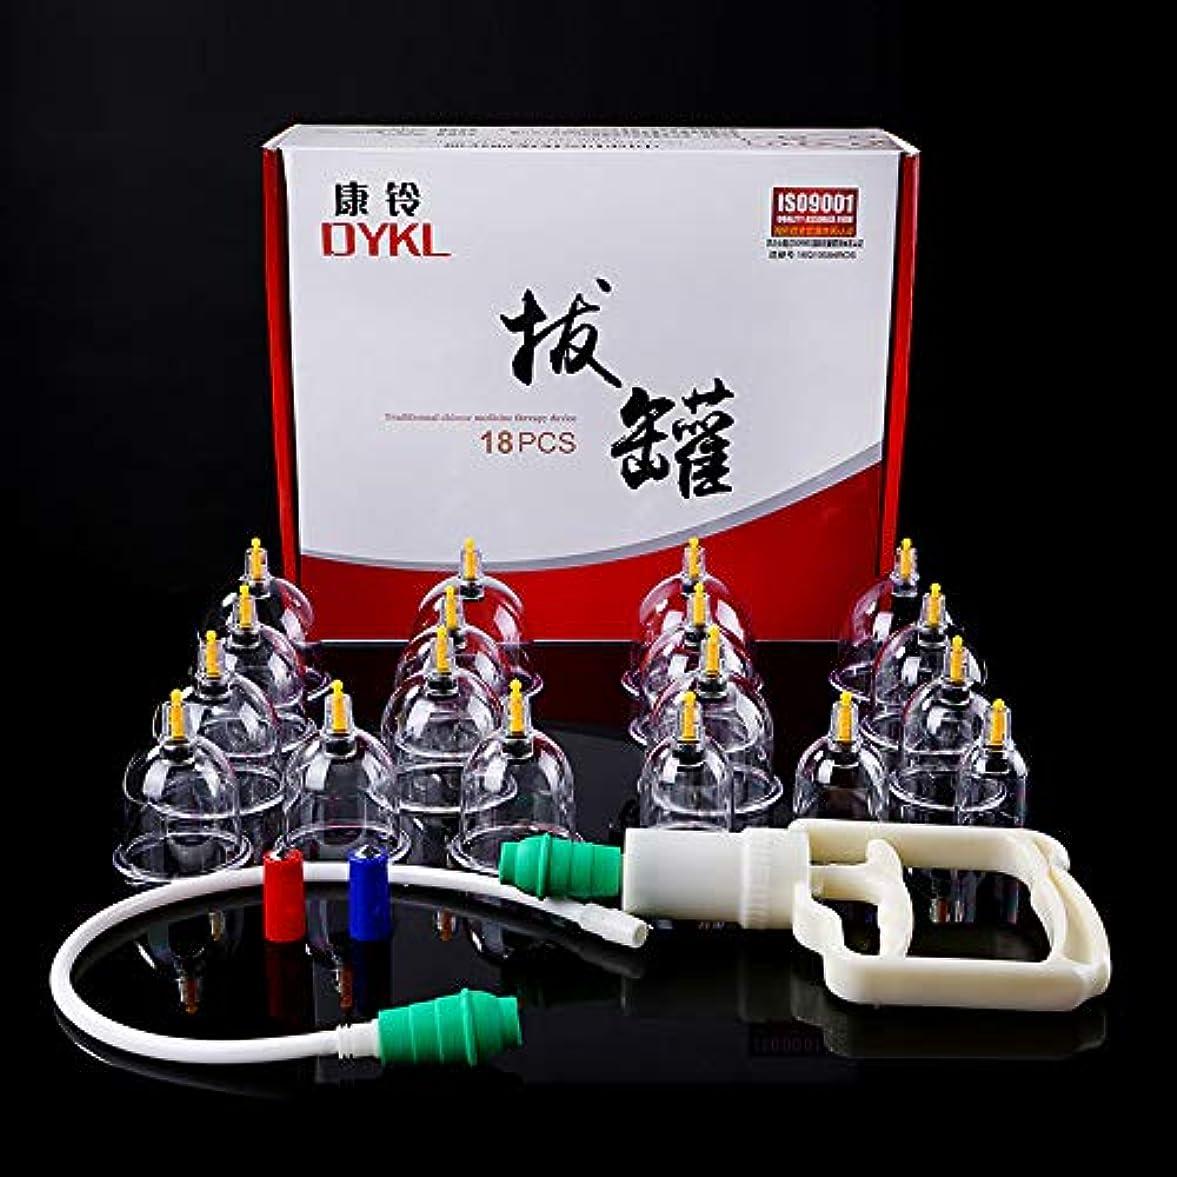 漏斗鹿打撃ホーム中国製カッピング装置、背中/首の痛み/体重減少/筋肉の解放のためのポンピングハンドル付きの12個の真空吸引カップ